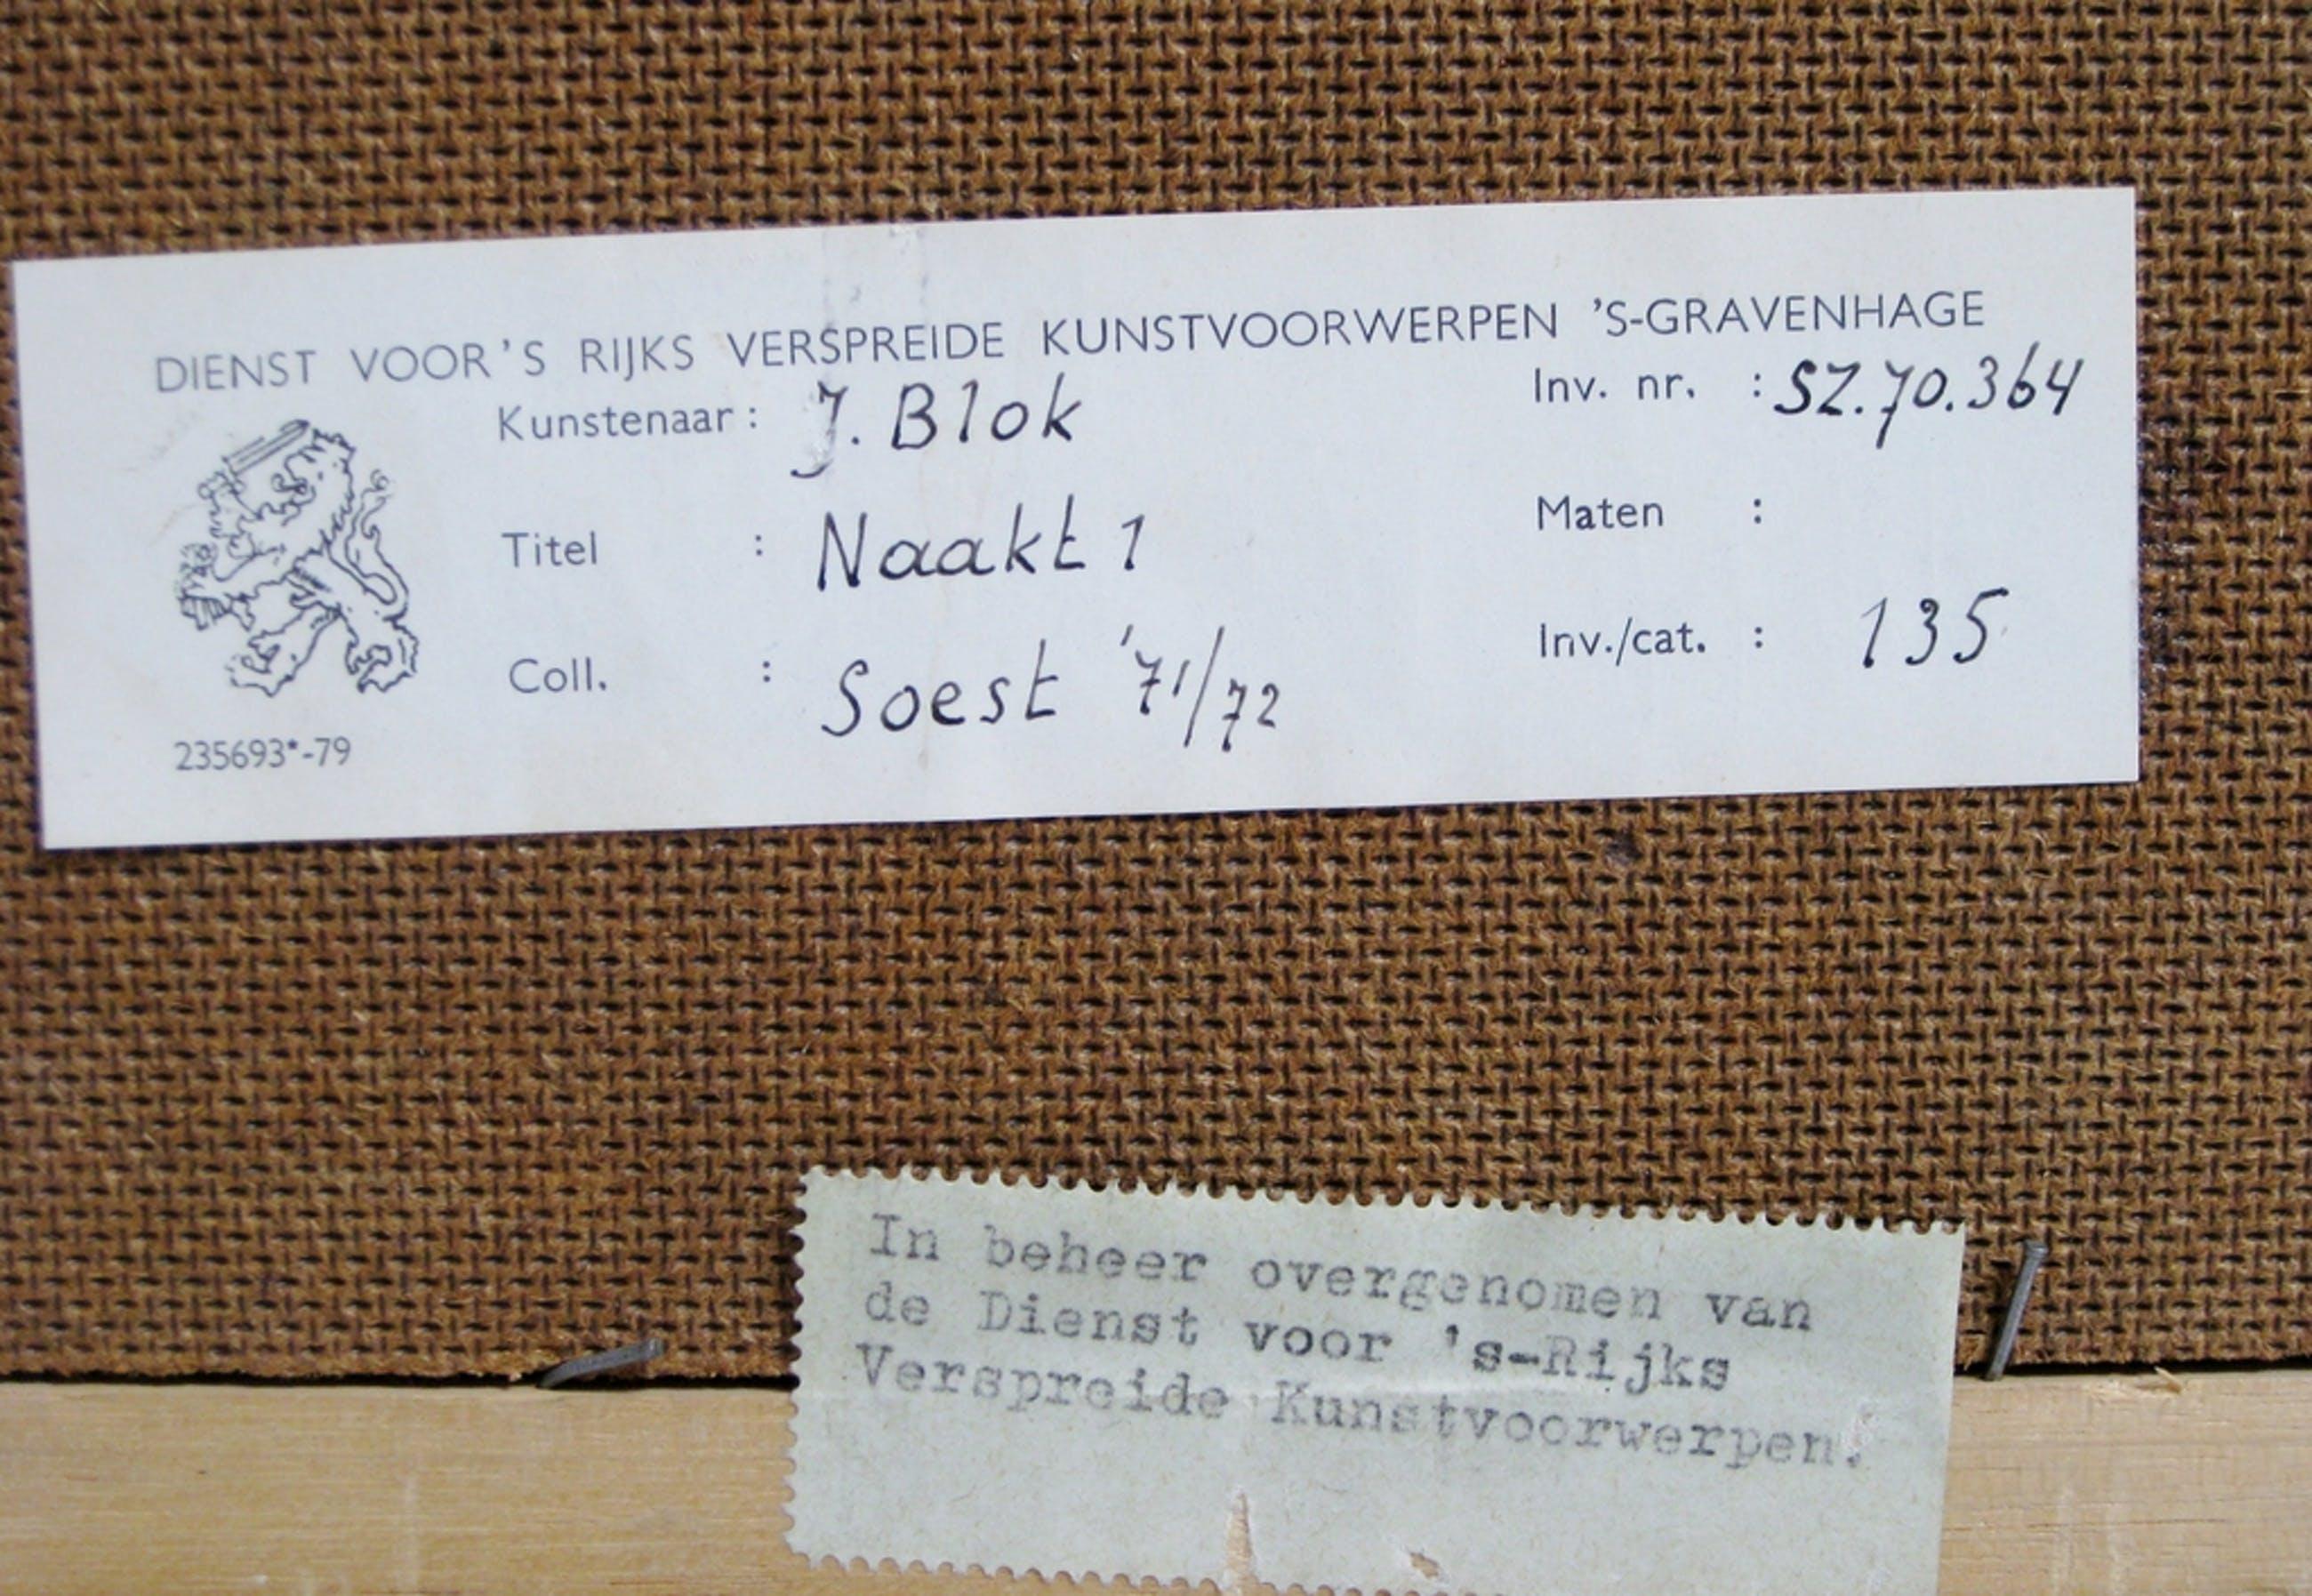 Johan Blok (1934) - Roodkrijttekening naakte jongeman 1971 kopen? Bied vanaf 65!